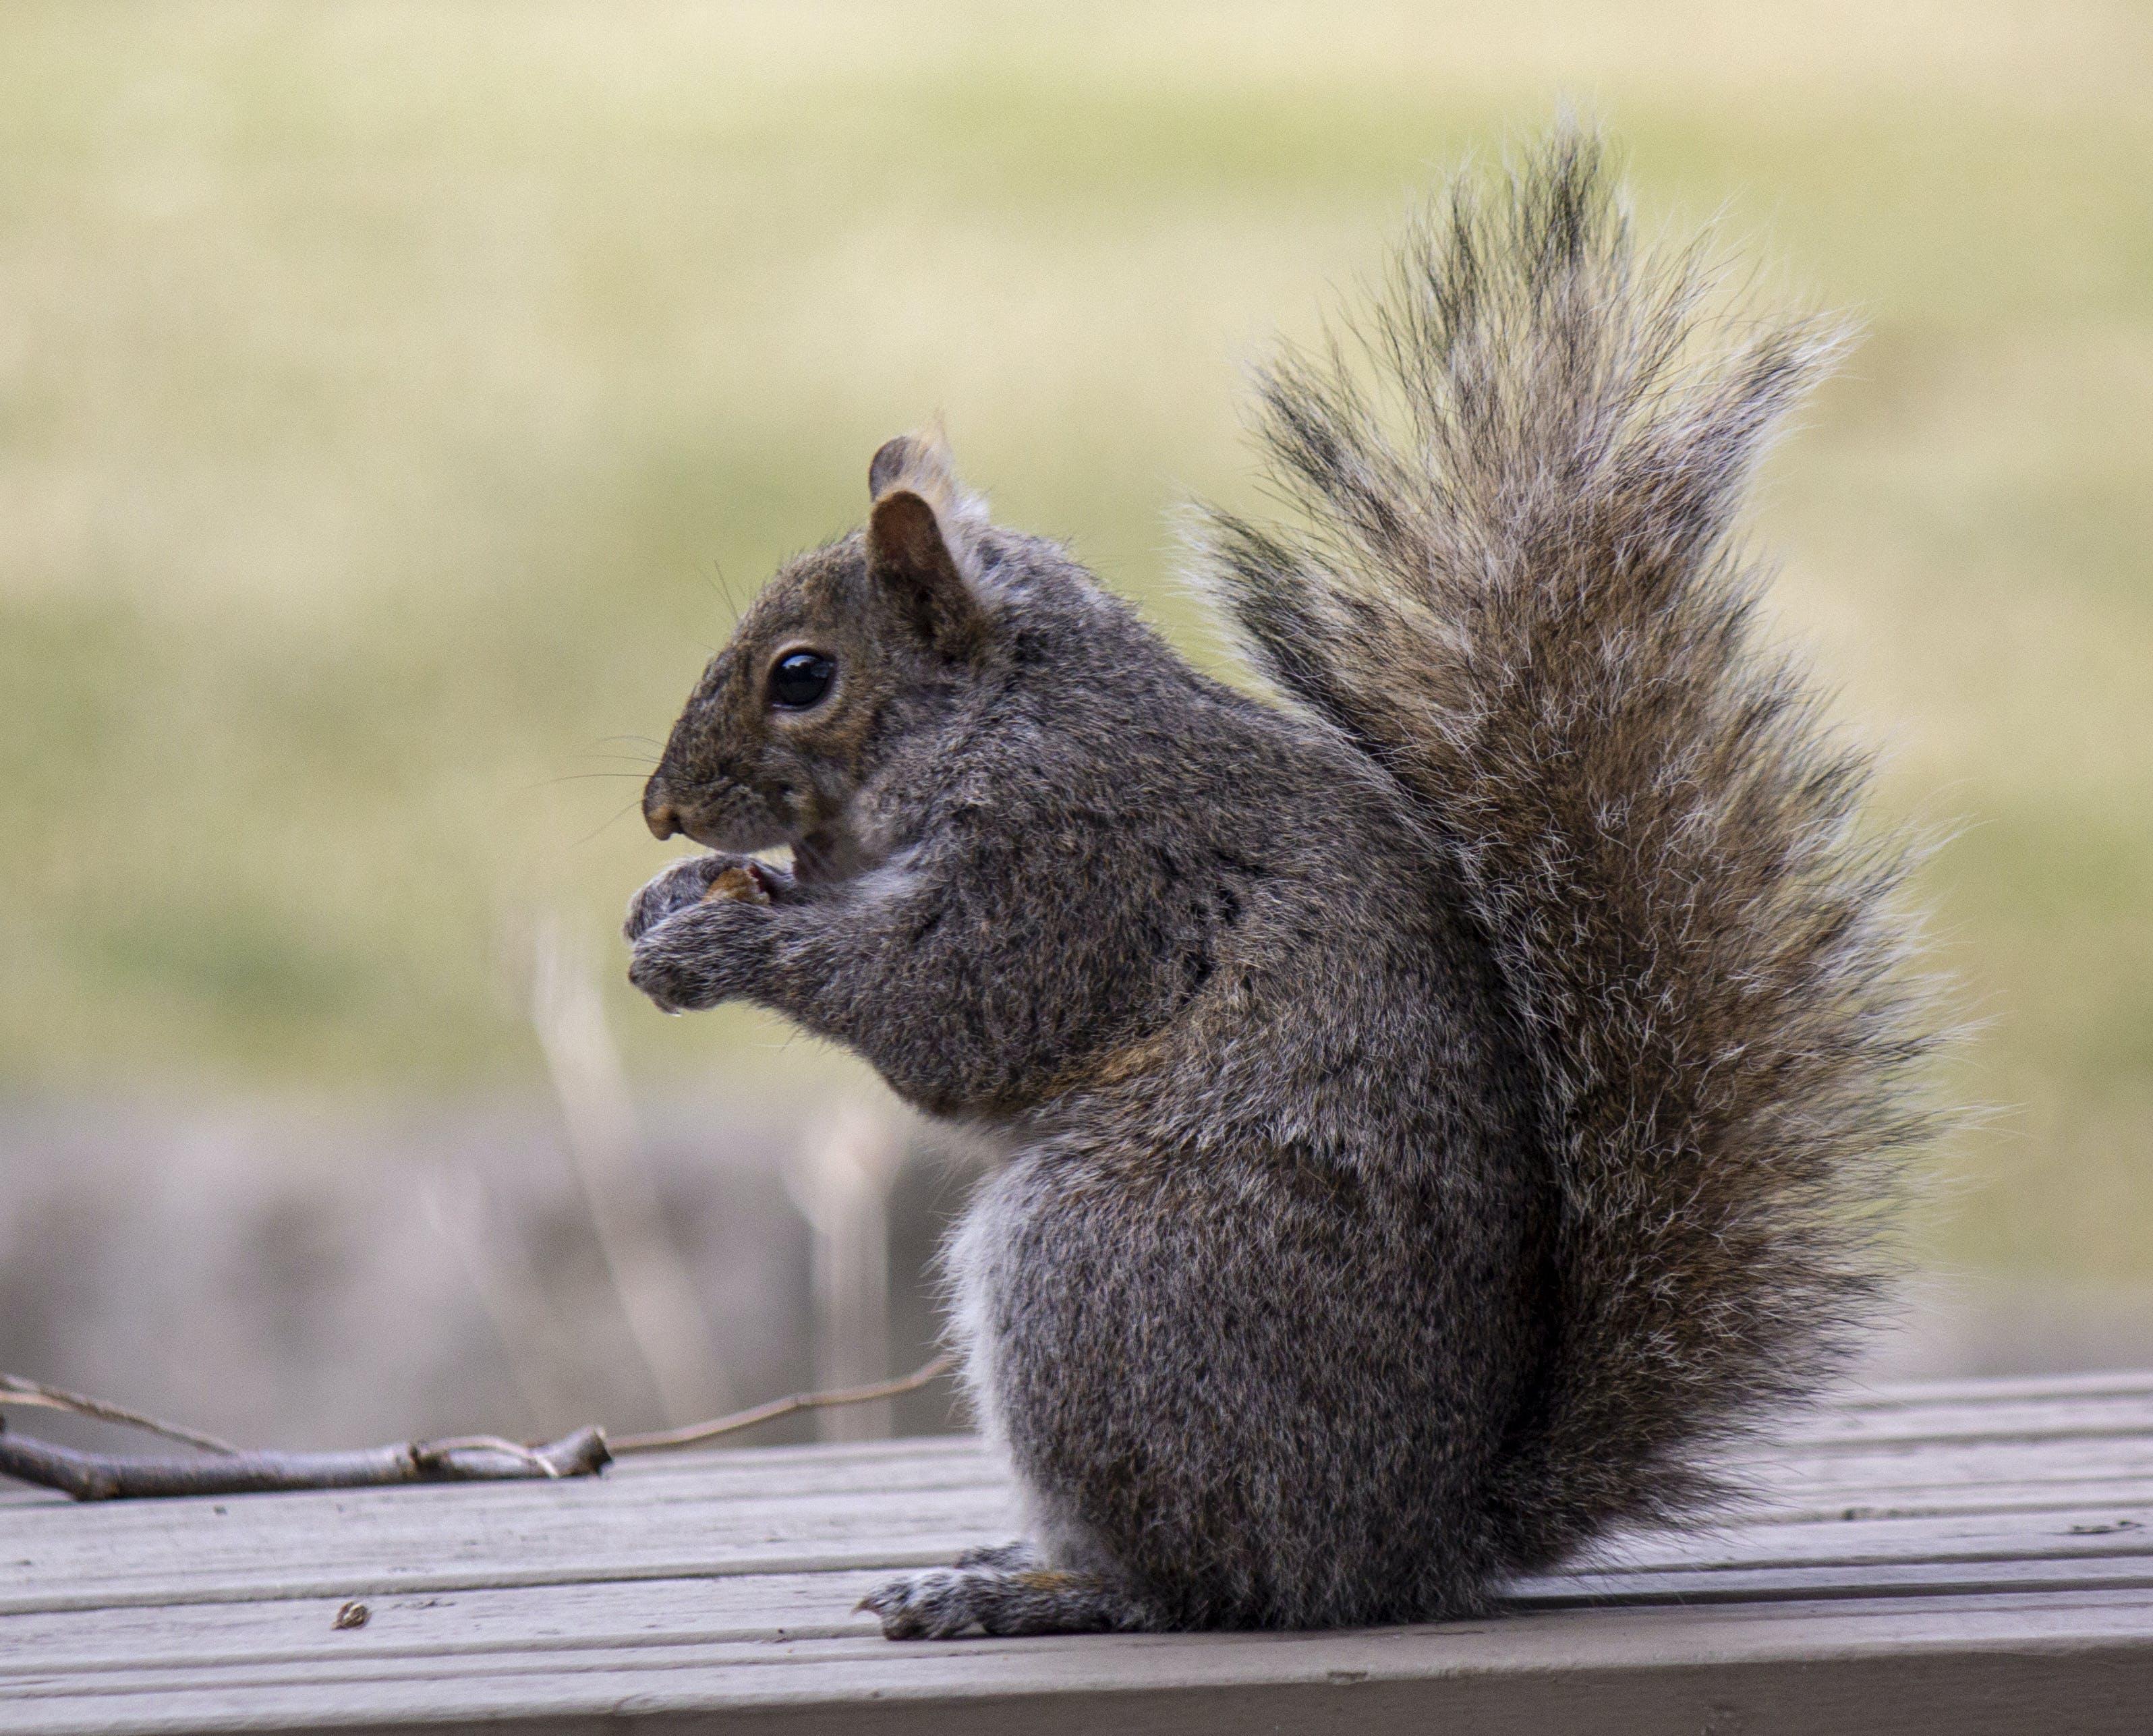 Kostenloses Stock Foto zu buschiger schwanz, eichhörnchen essen, eichhörnchen, red squirel